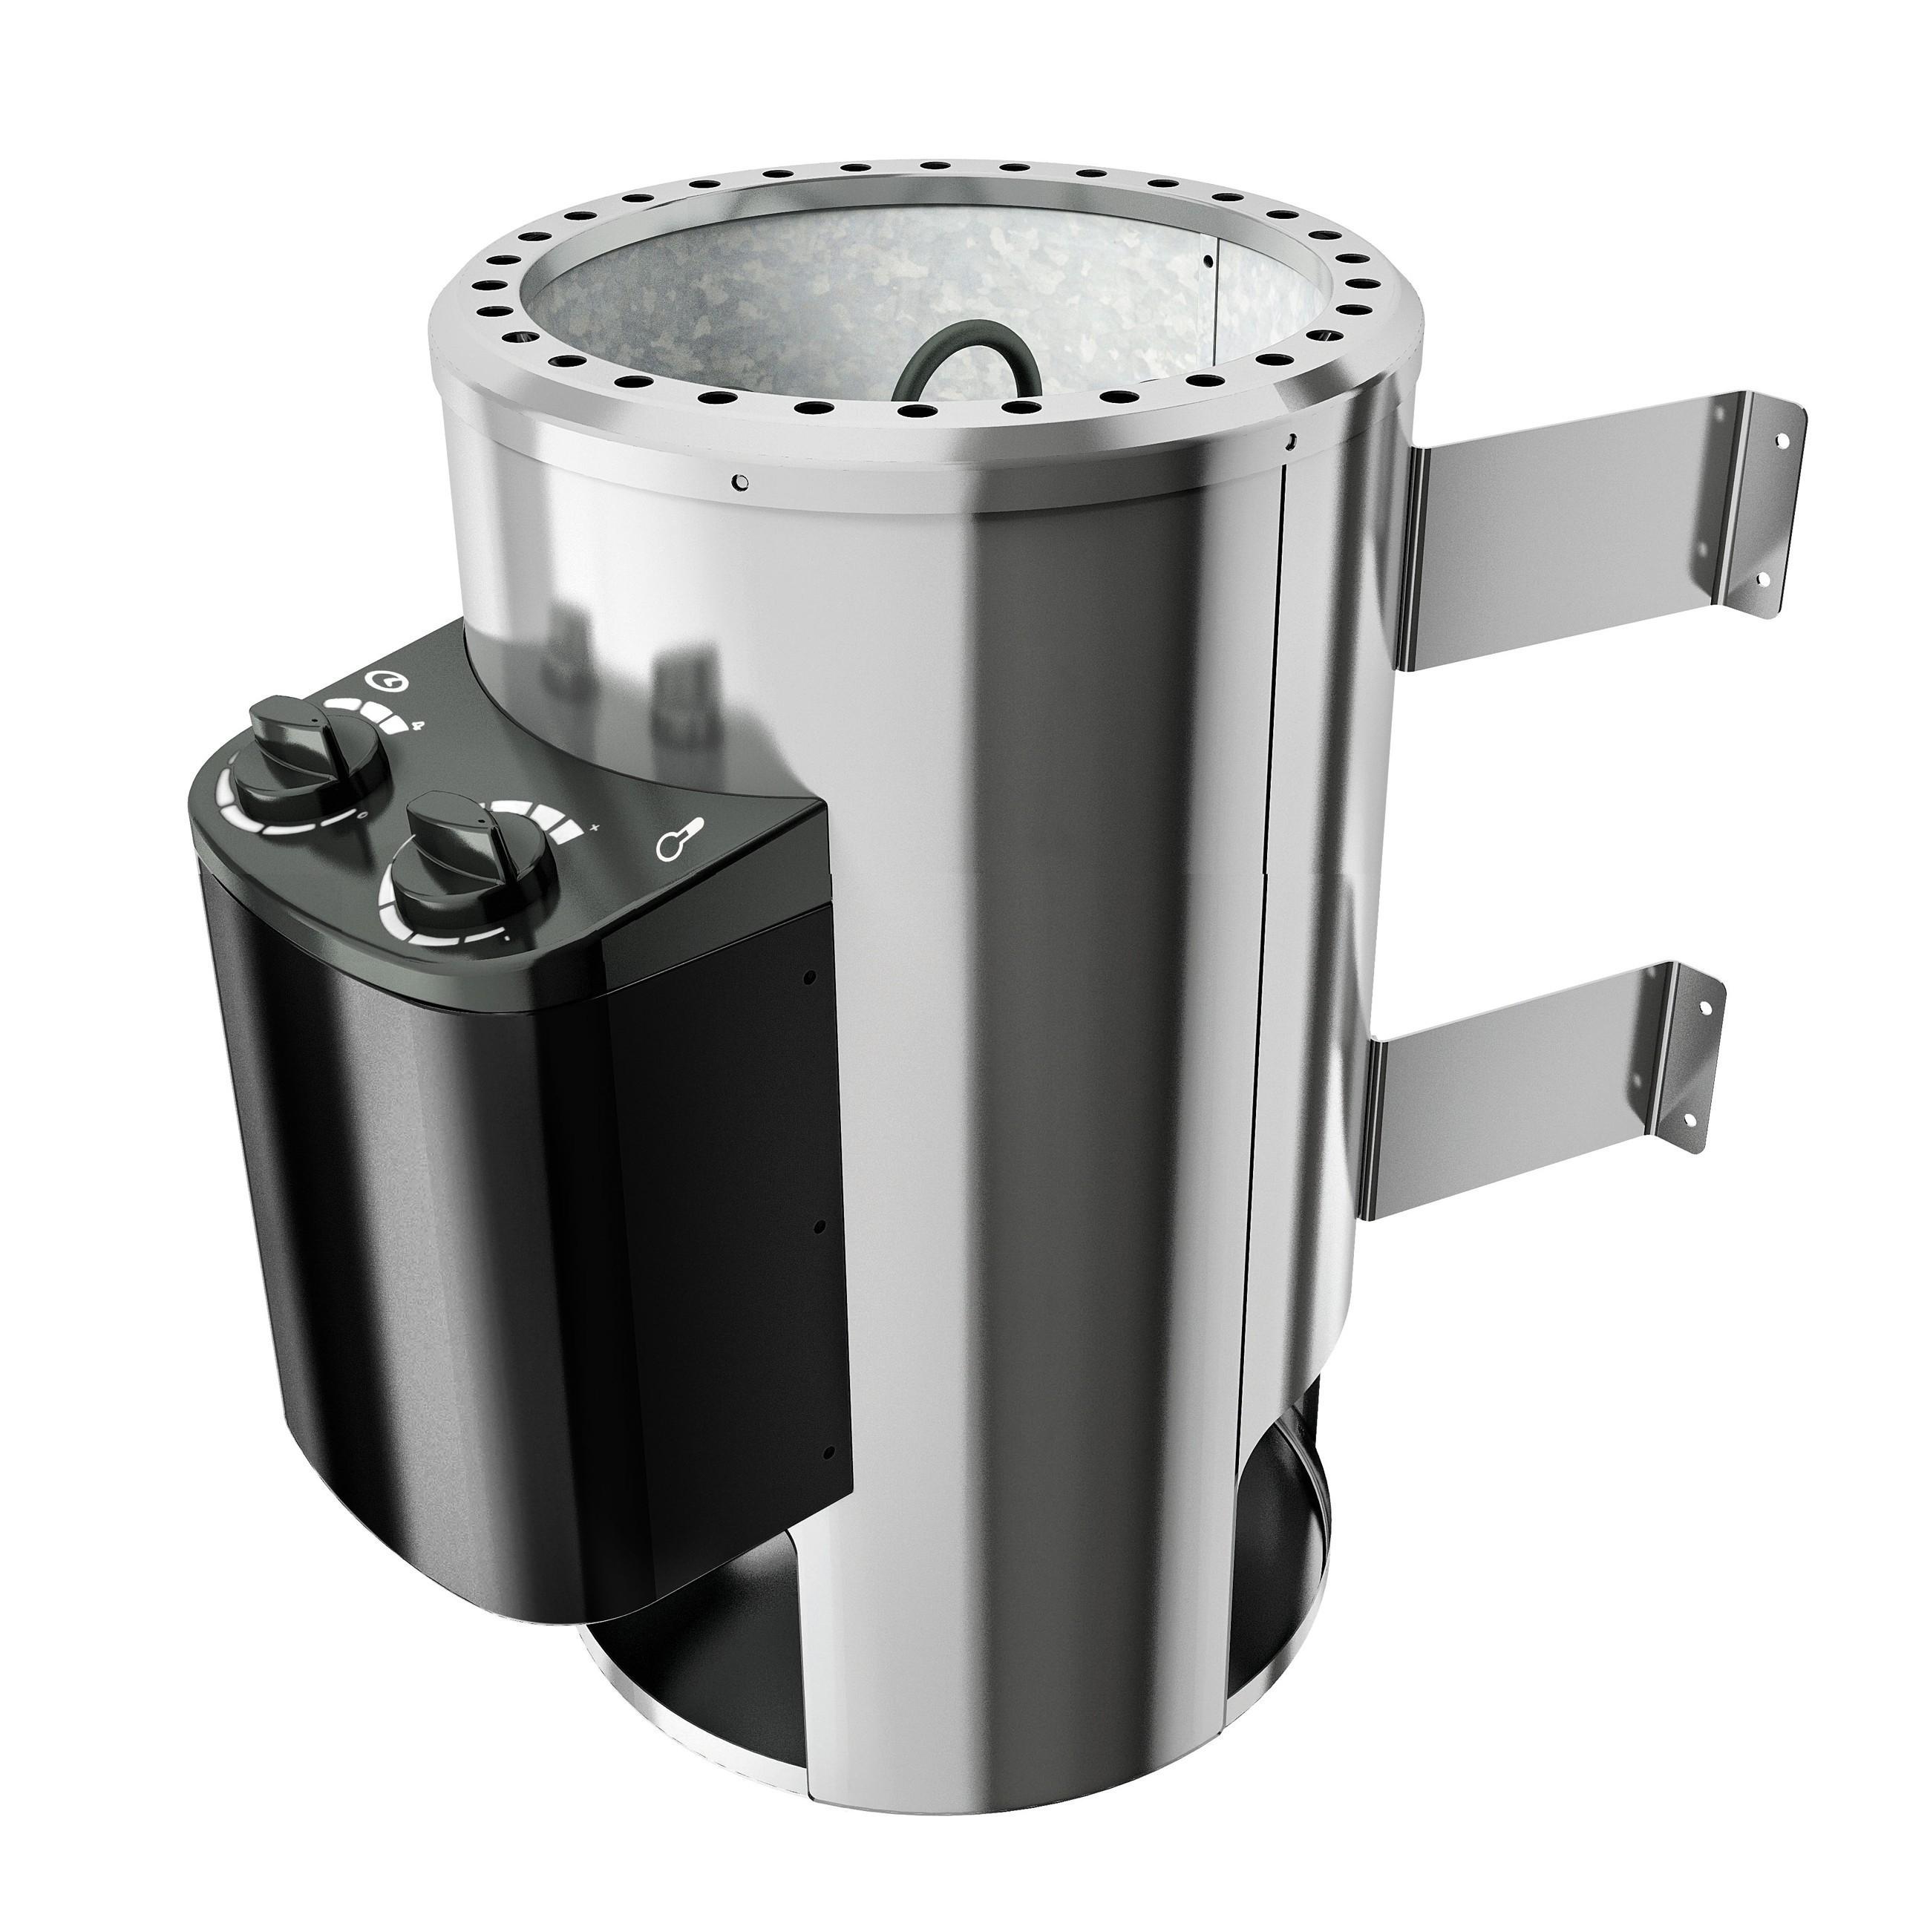 Saunaofen Plug & Play 230V Karibu mit integrierter Steuerung Bild 1